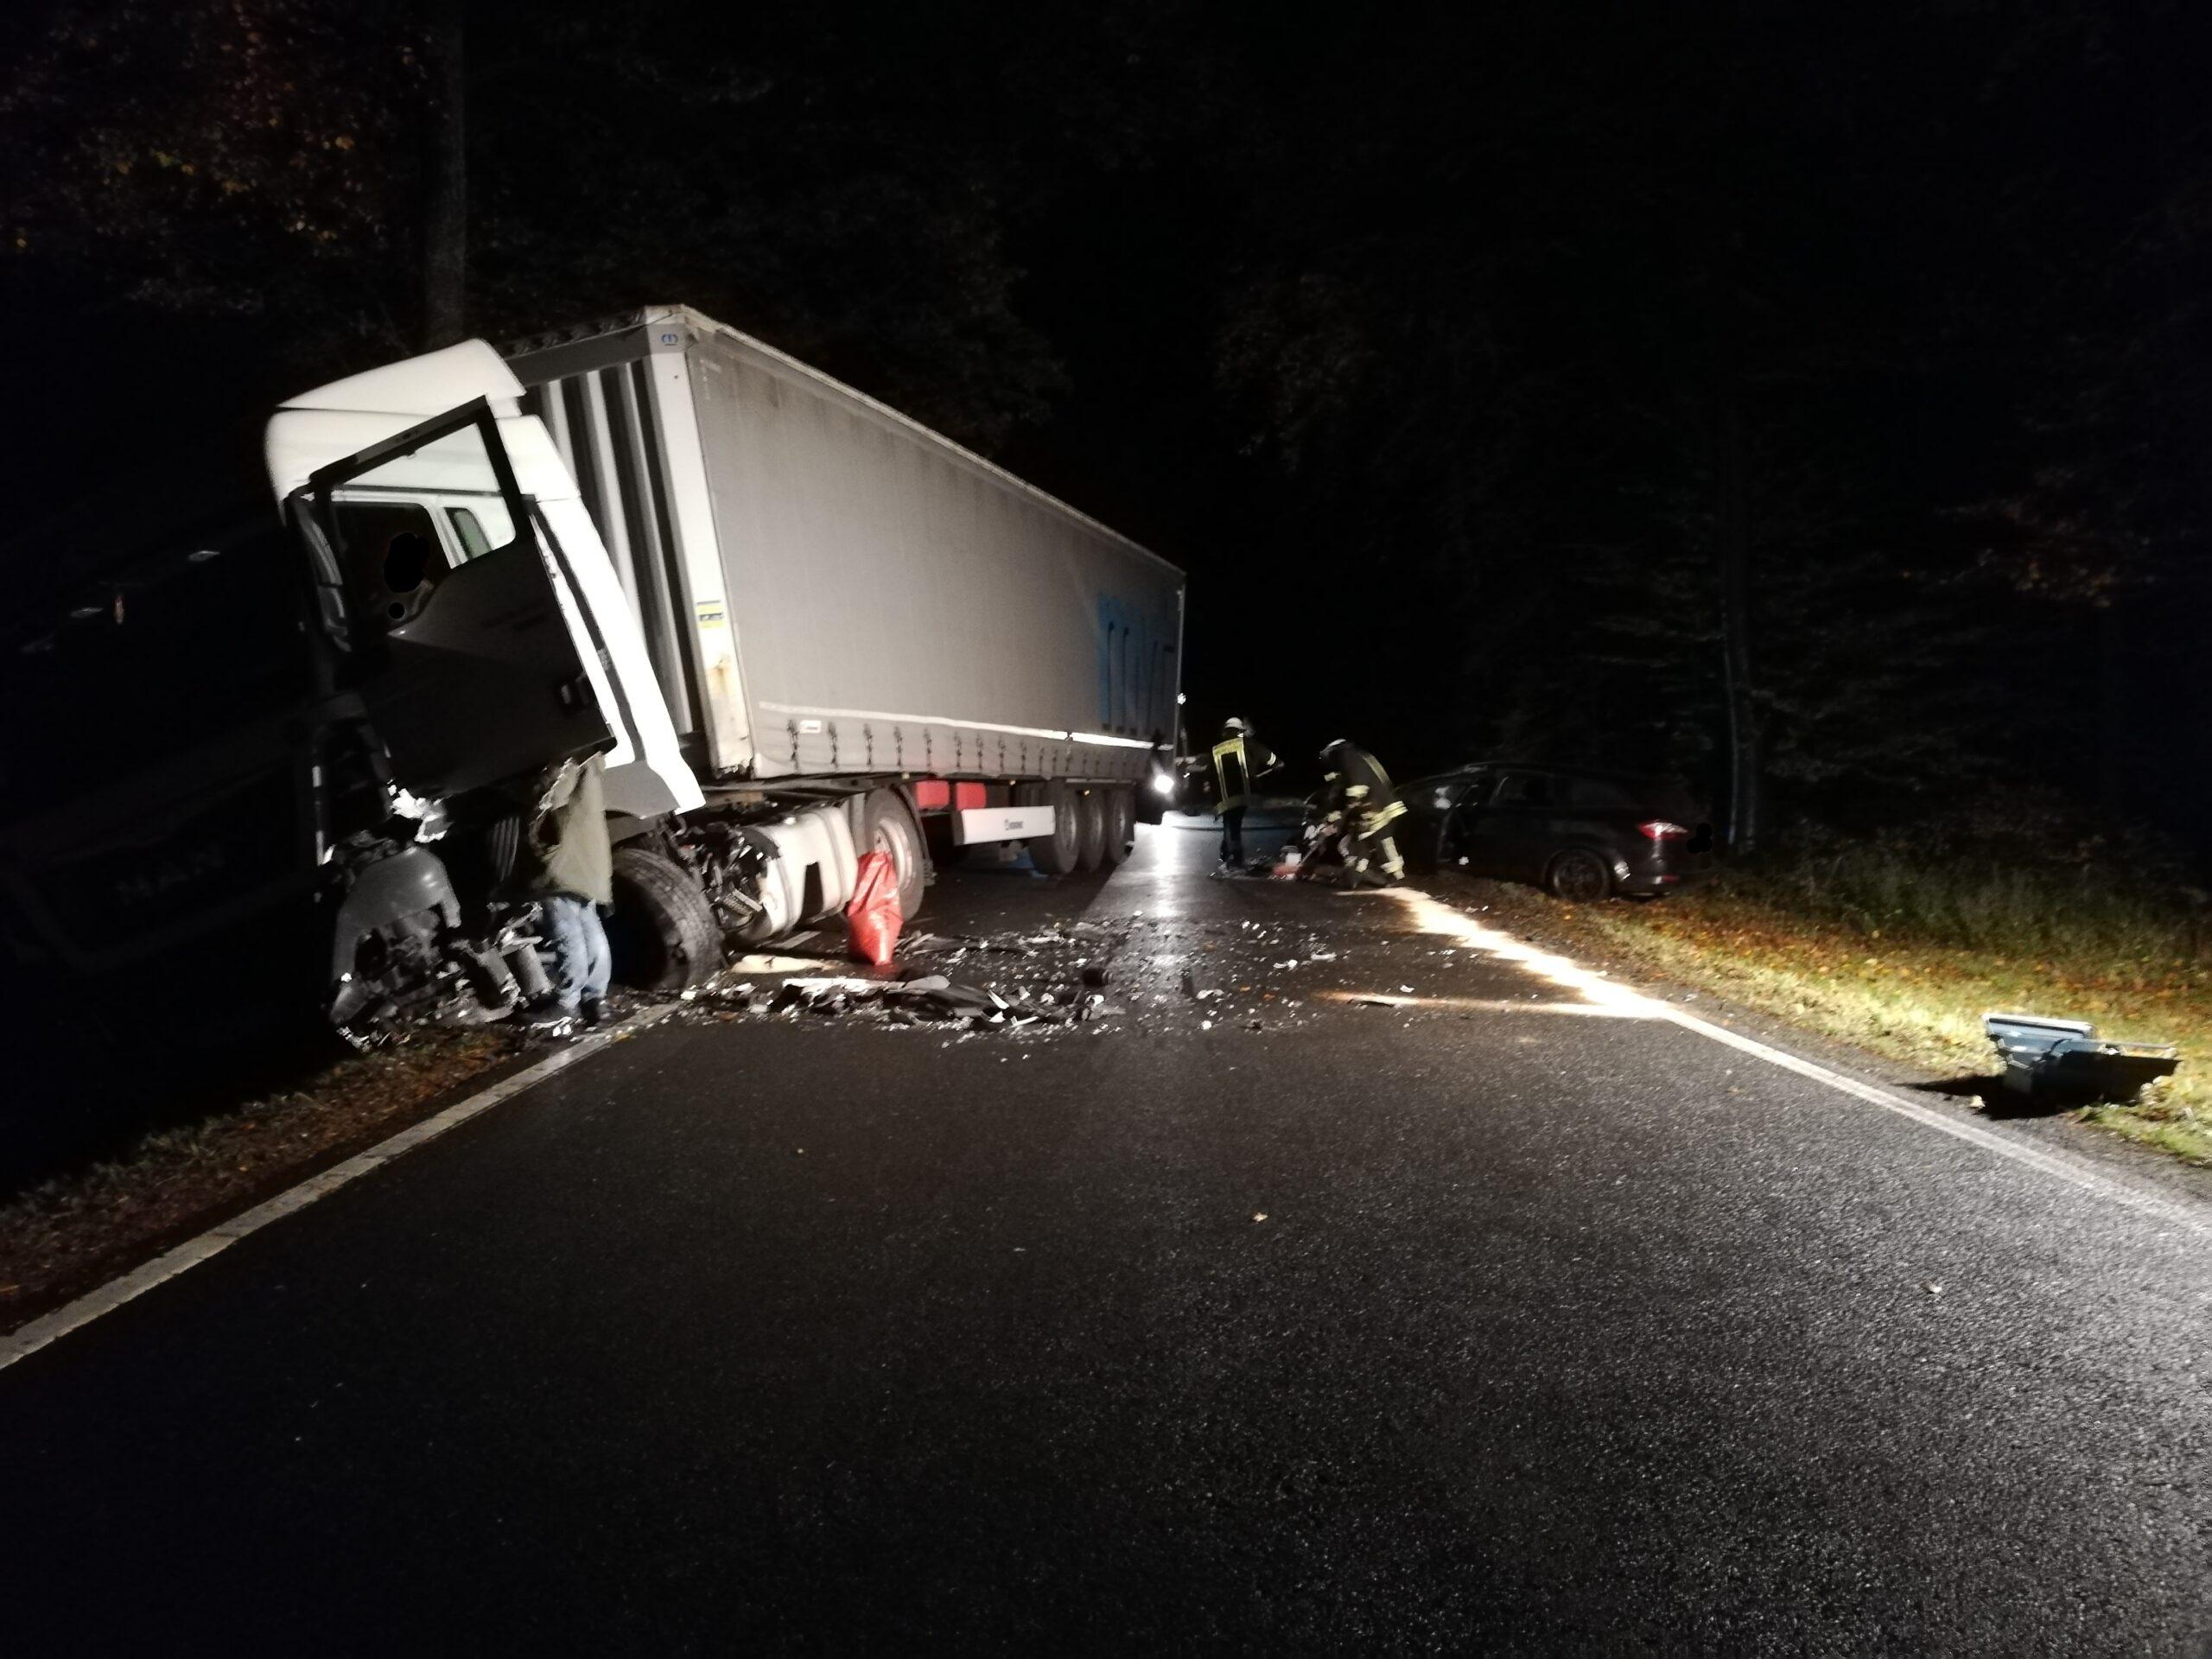 30.10.2020 Absicherung Verkehrsunfall (21-20)